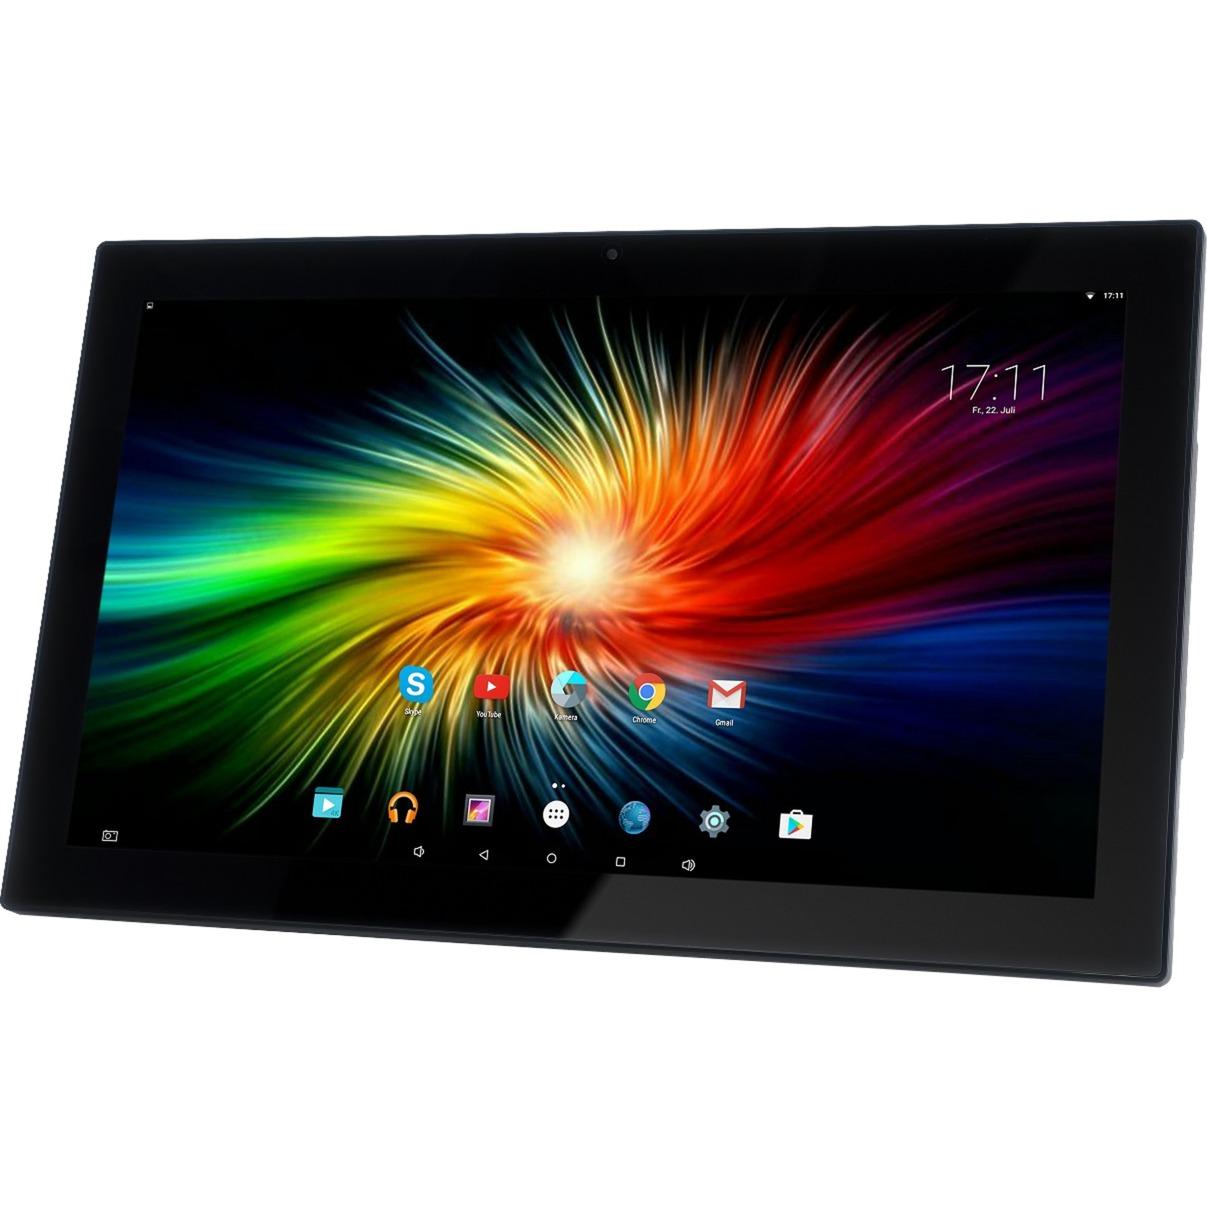 MegaPAD 2154v2, Tablet-PC - Preisvergleich